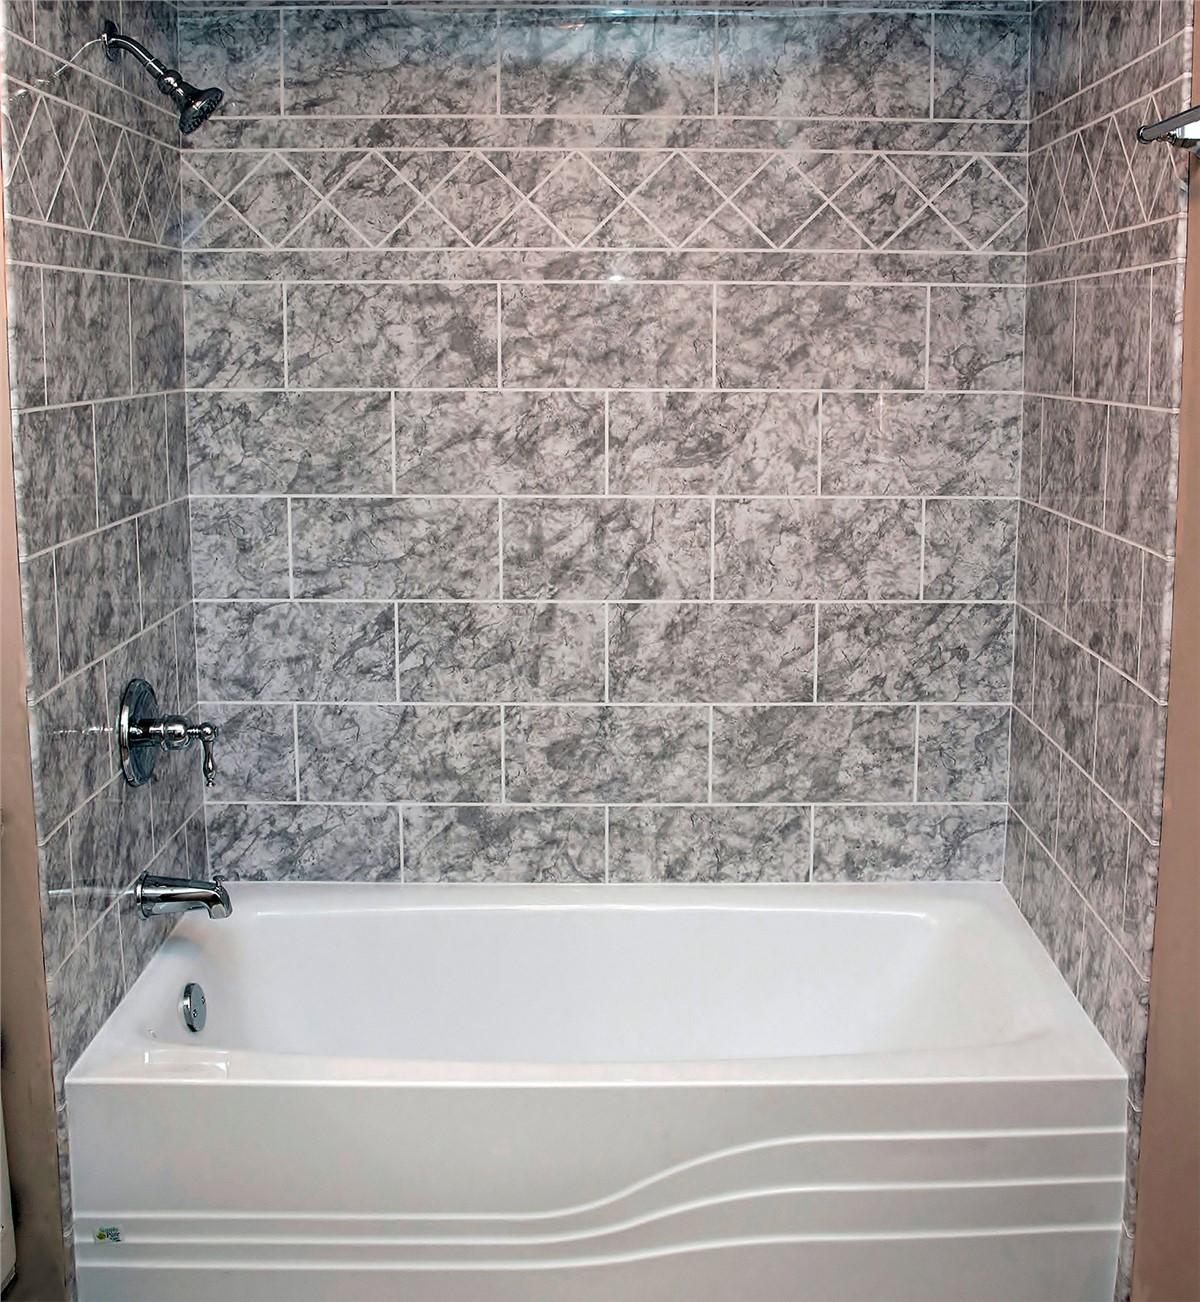 Syracuse Acrylic Wall Systems | Bathtub Enclosures Syracuse | Bath Renew